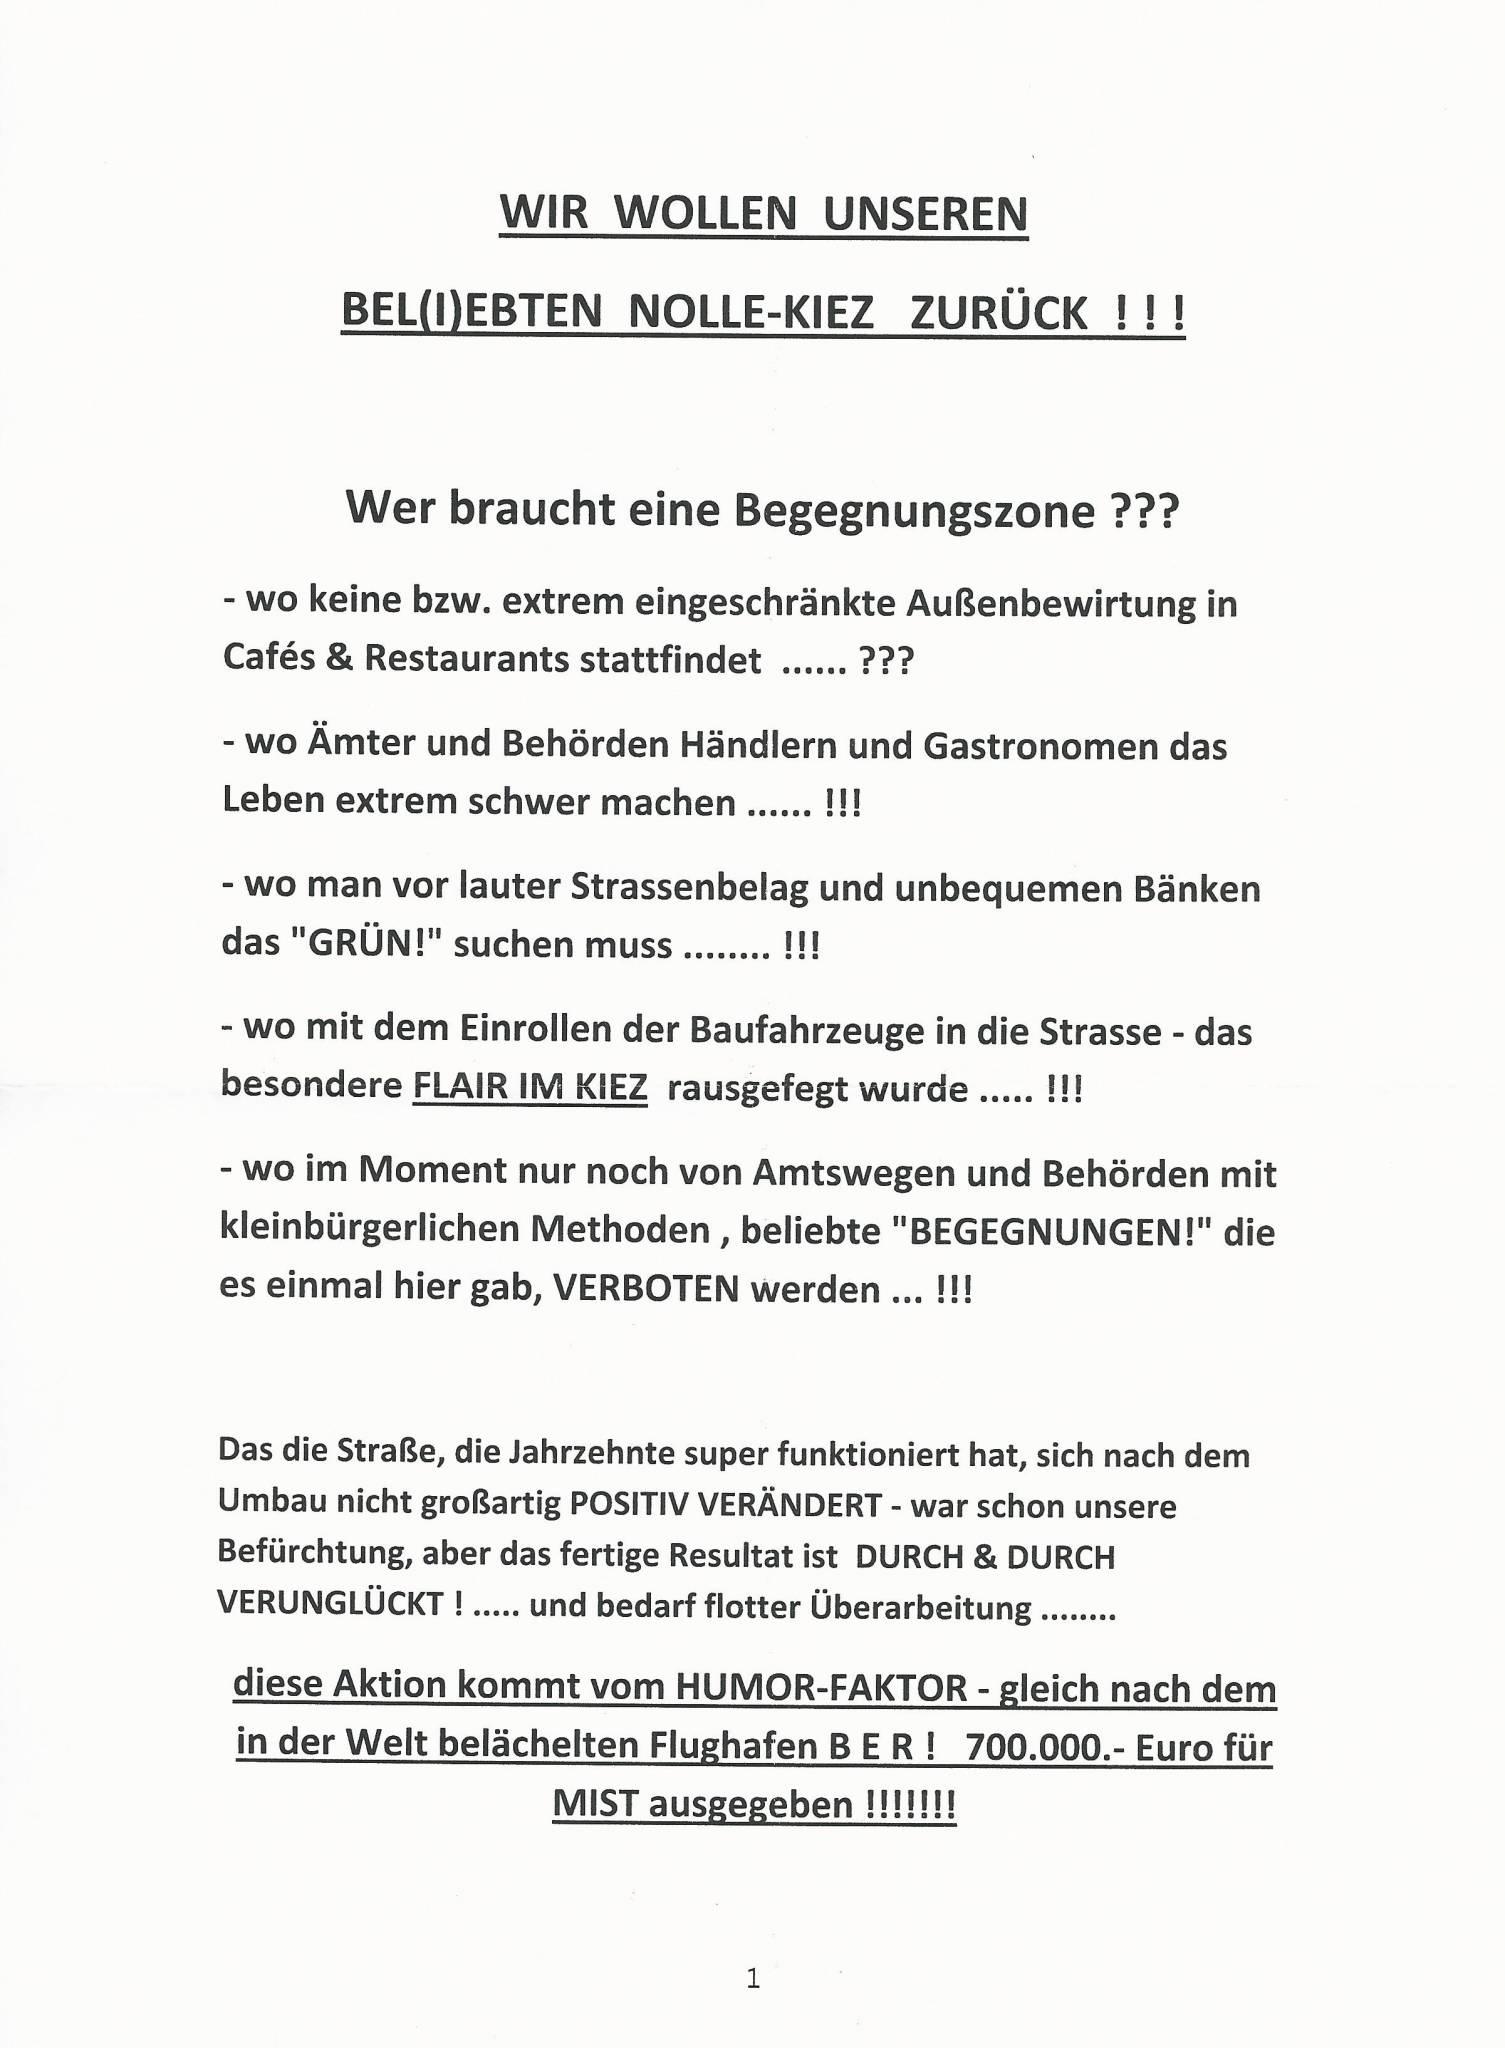 BegegnungBergmann 16121 - 16116 Kundgebung Maaßenstraße